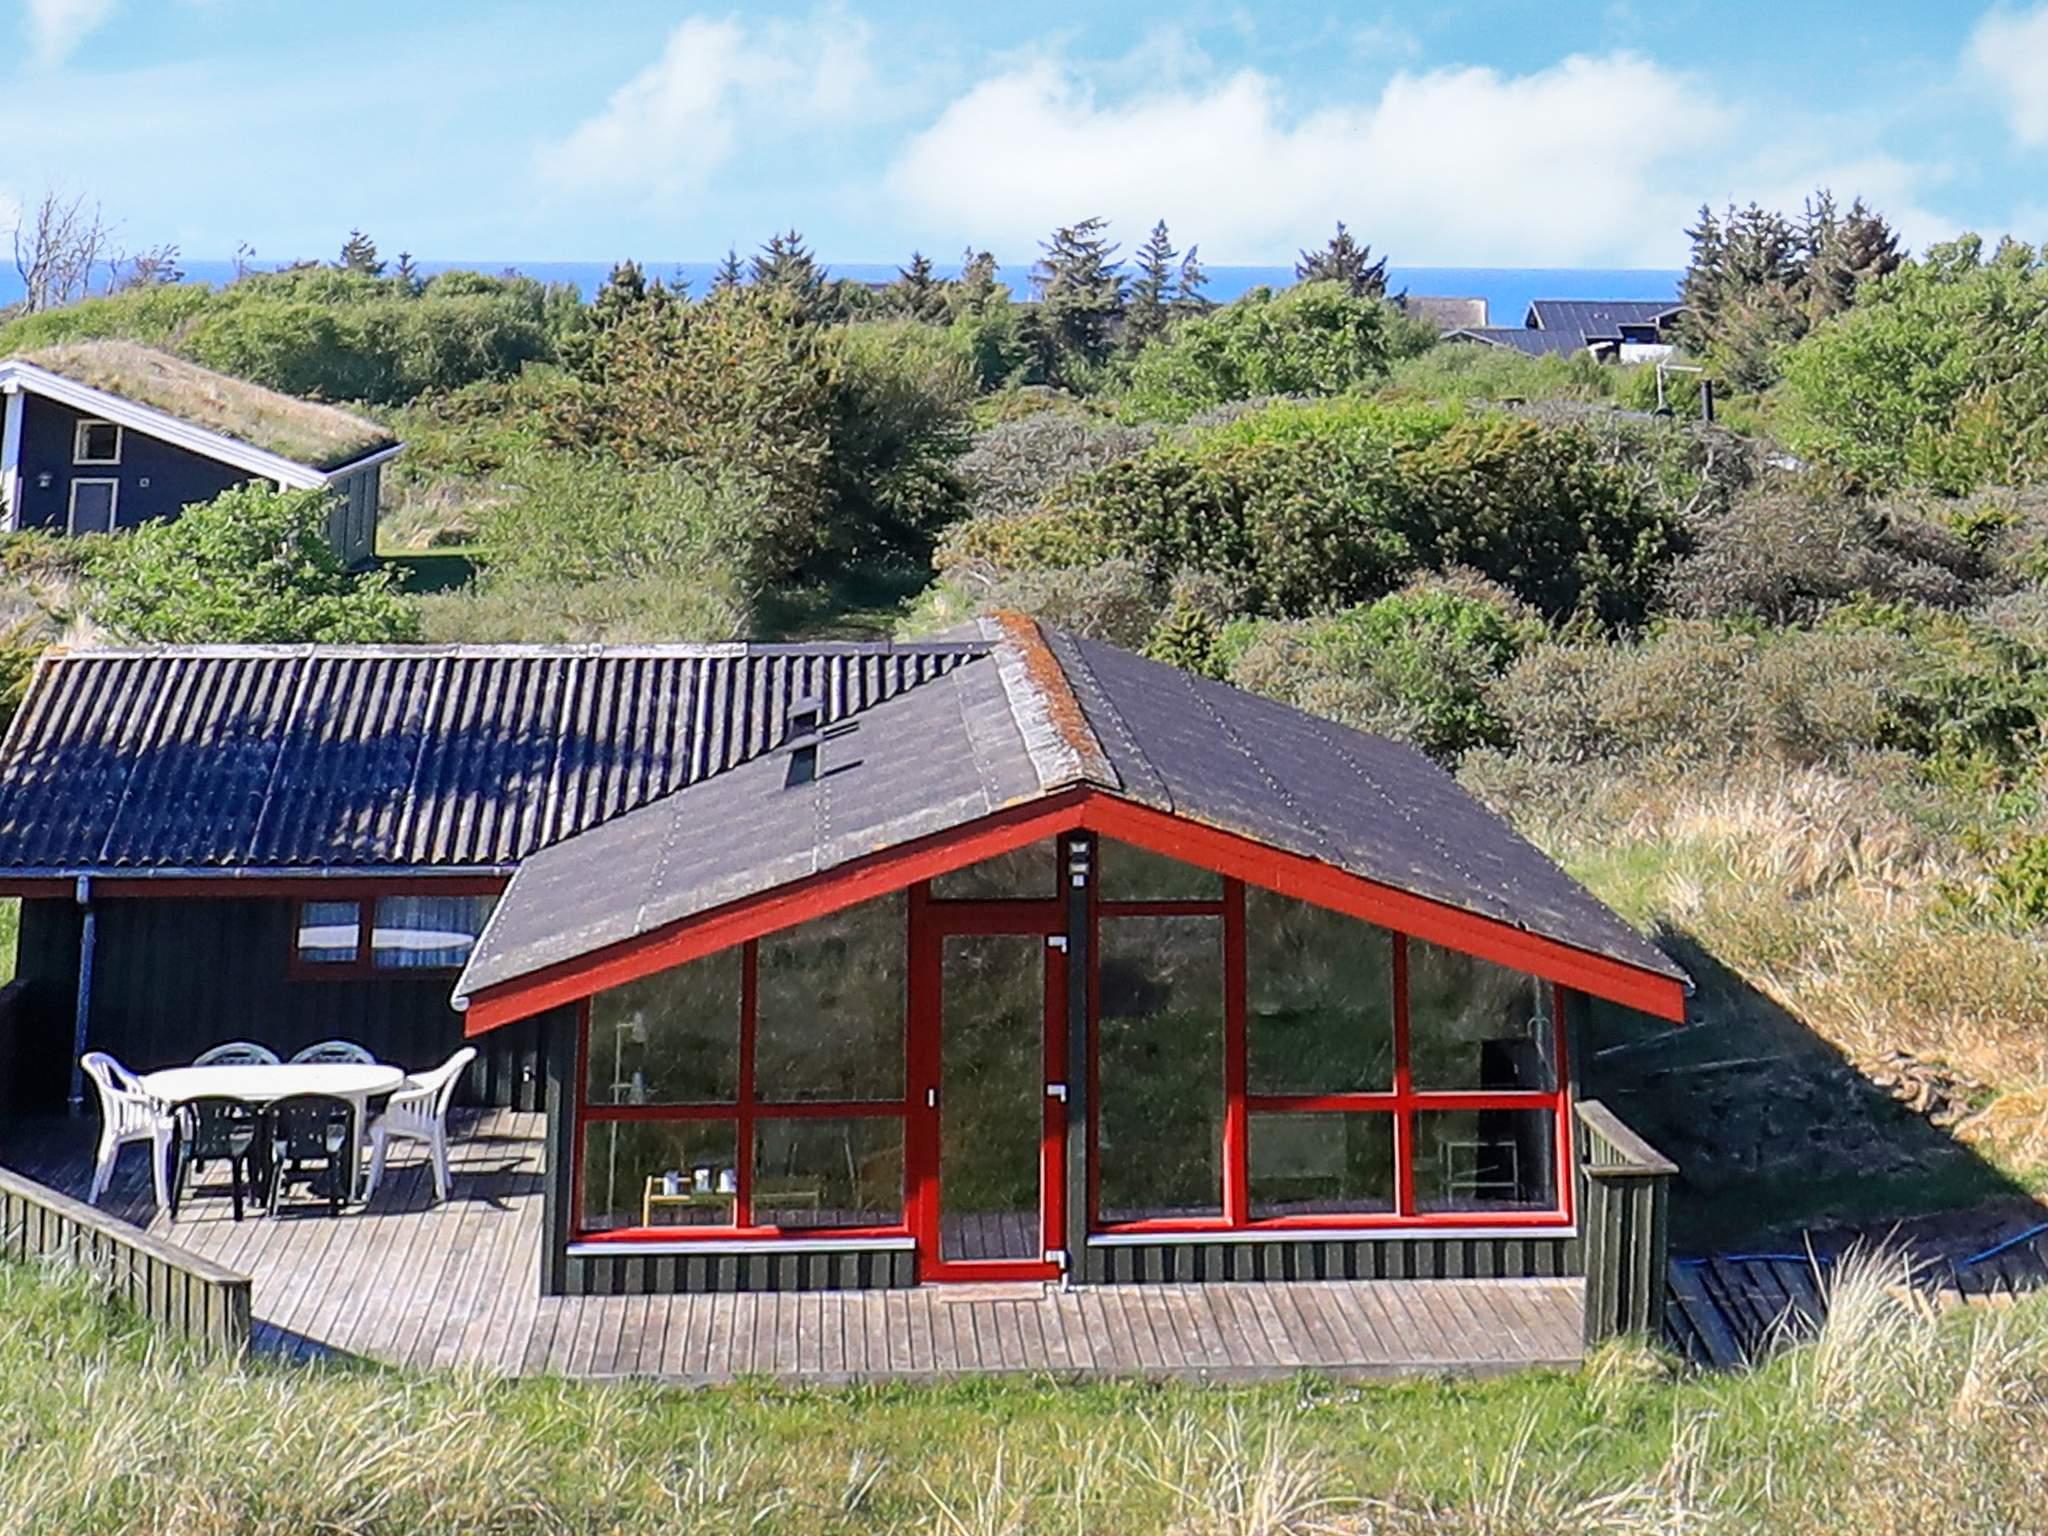 Ferienhaus Kjul Strand (319409), Hirtshals, , Nordwestjütland, Dänemark, Bild 14